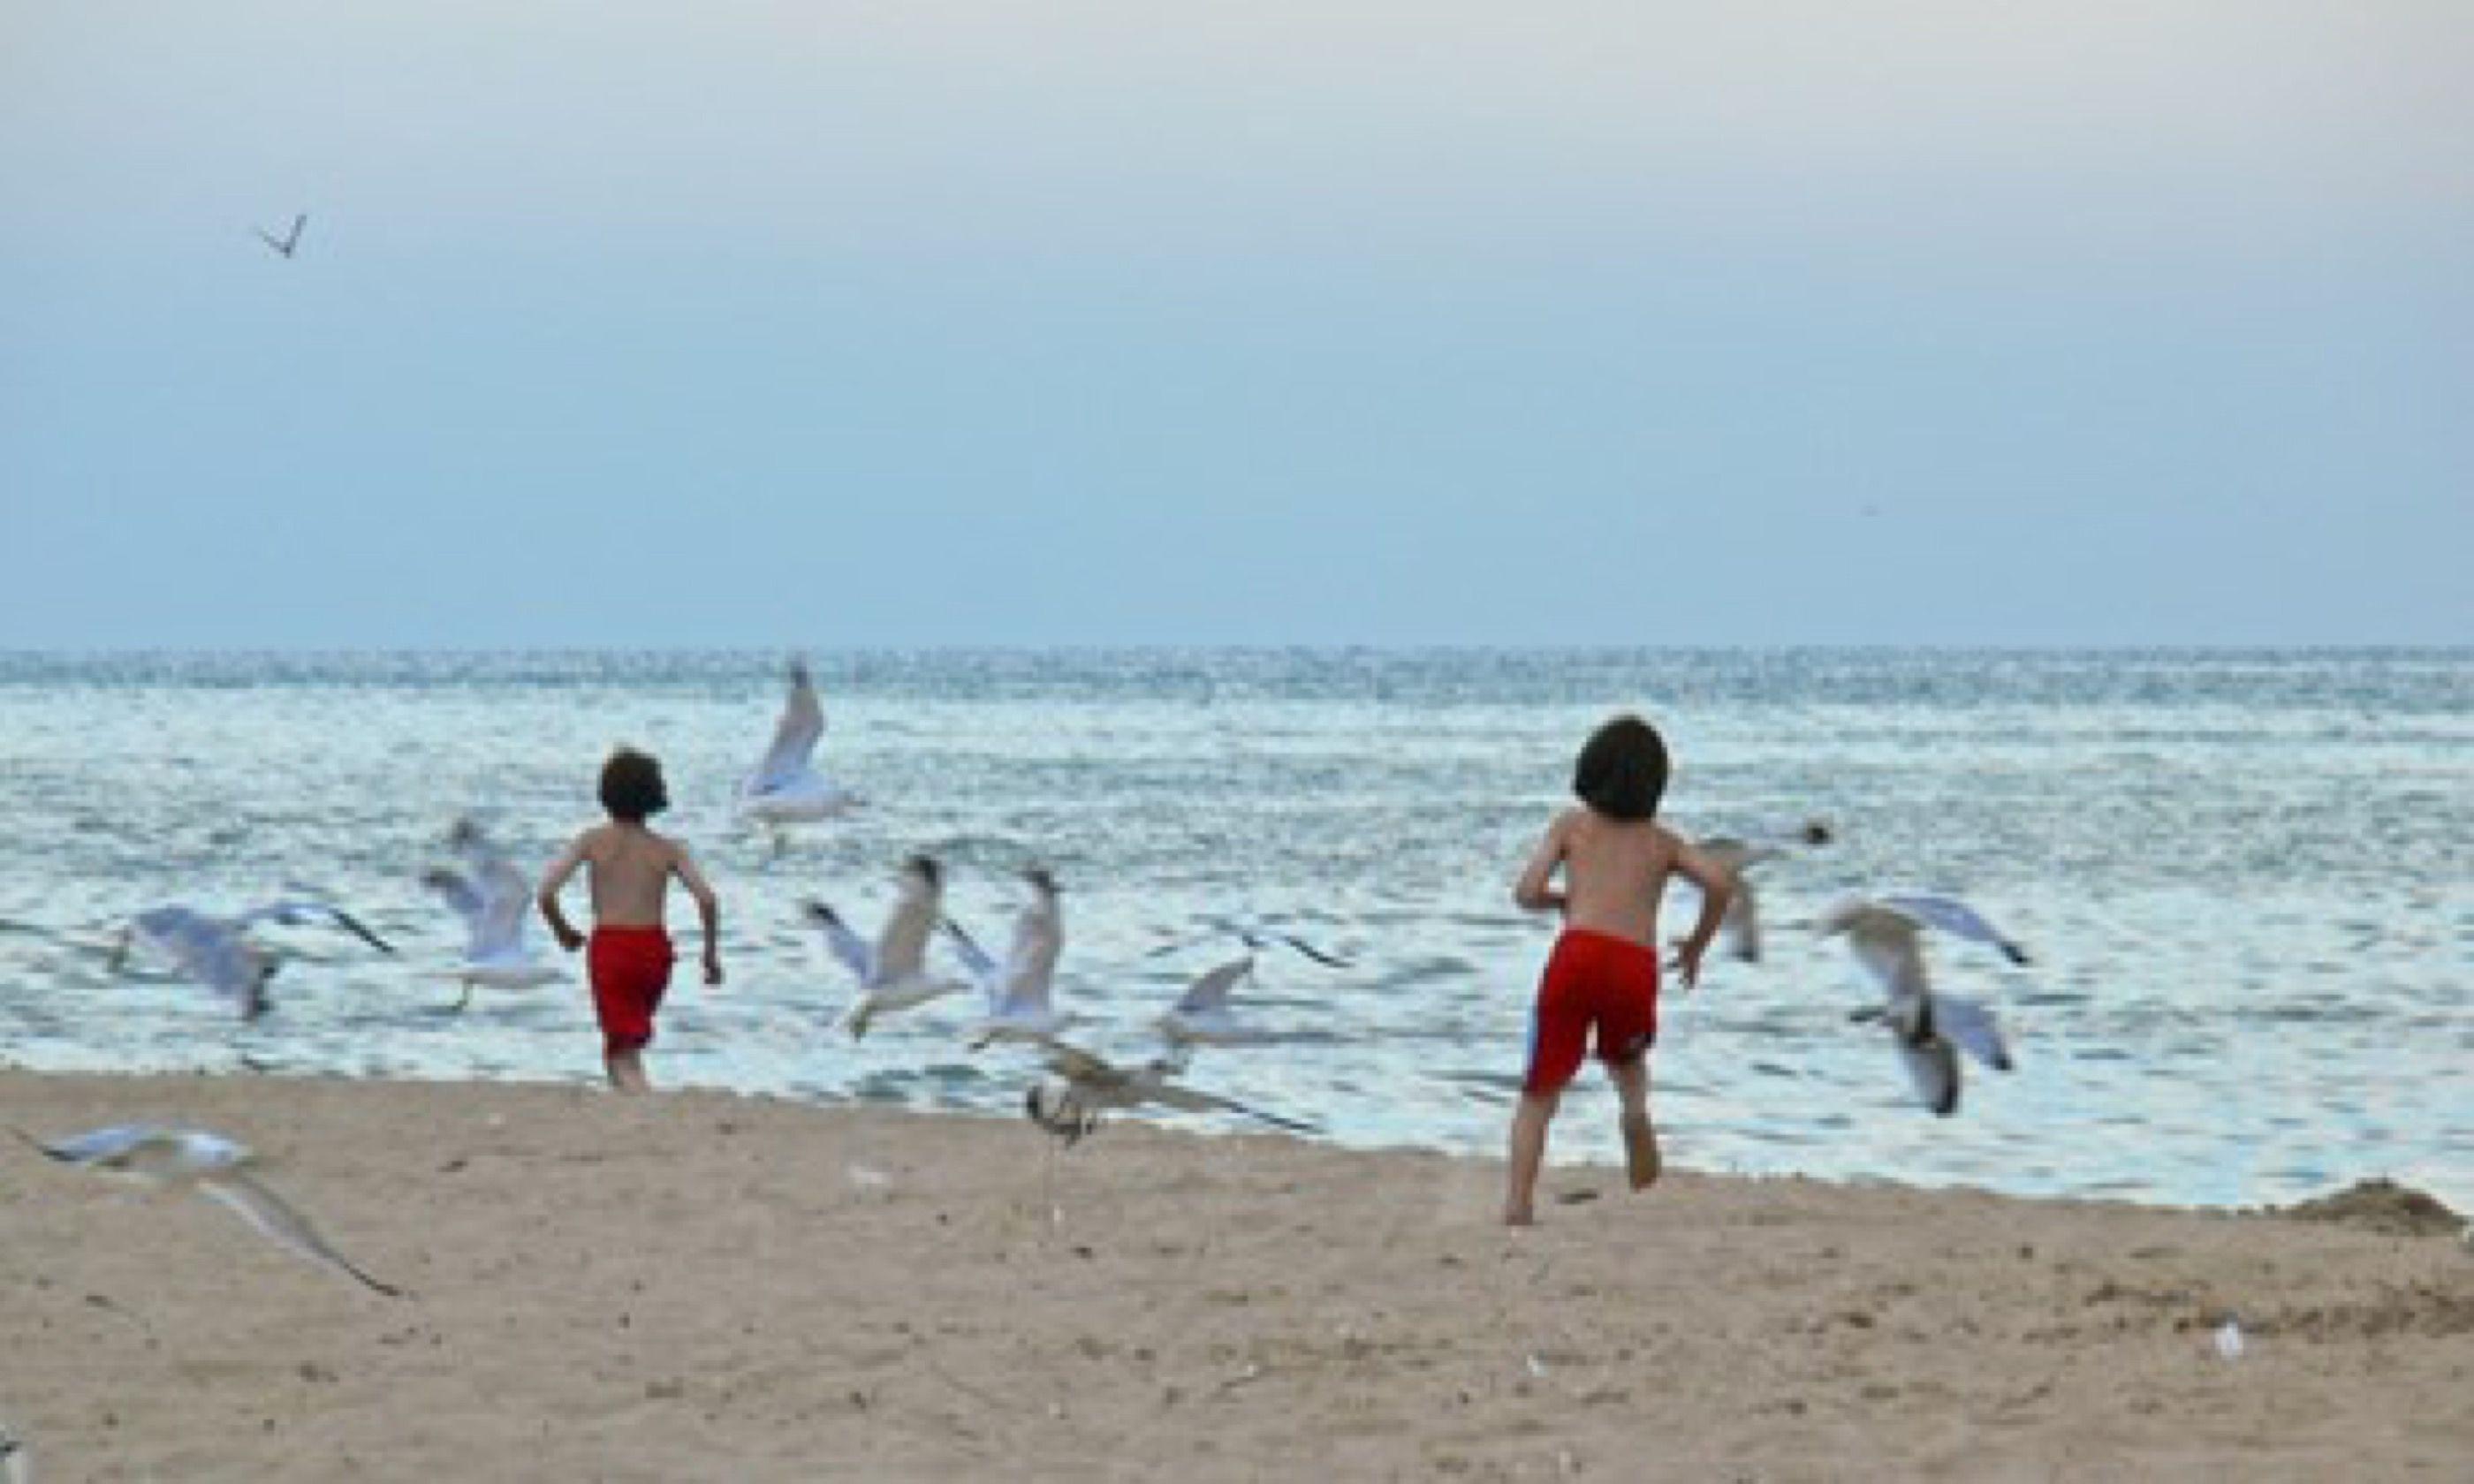 On the beach (Melania Gow)